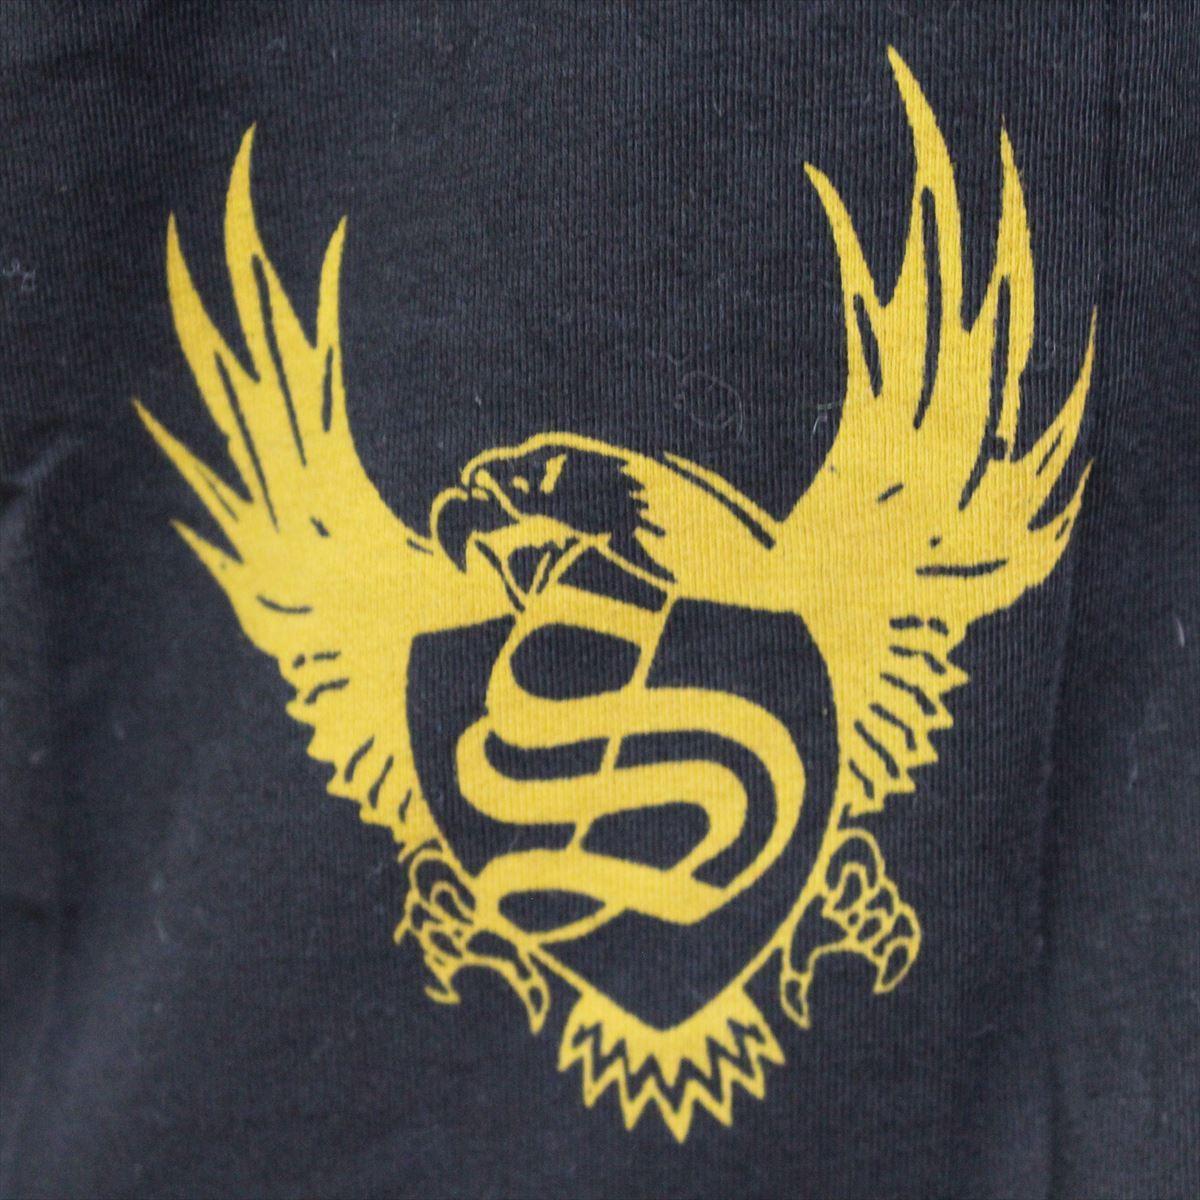 スメット SMET メンズ半袖Tシャツ Sサイズ ブラック NO6 新品 黒_画像5